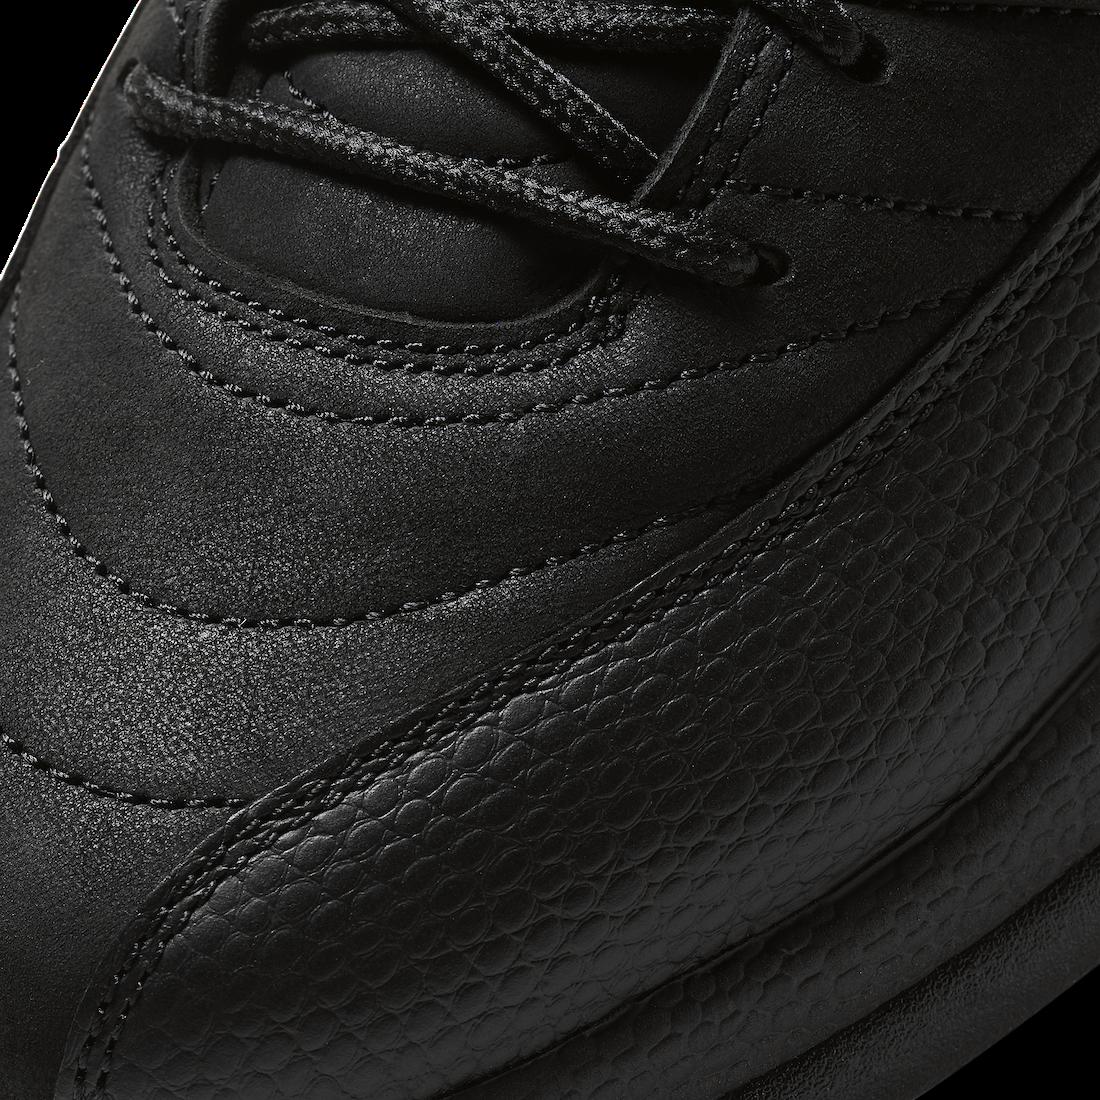 Air Jordan 12 Dark Concord CT8013-005 Release